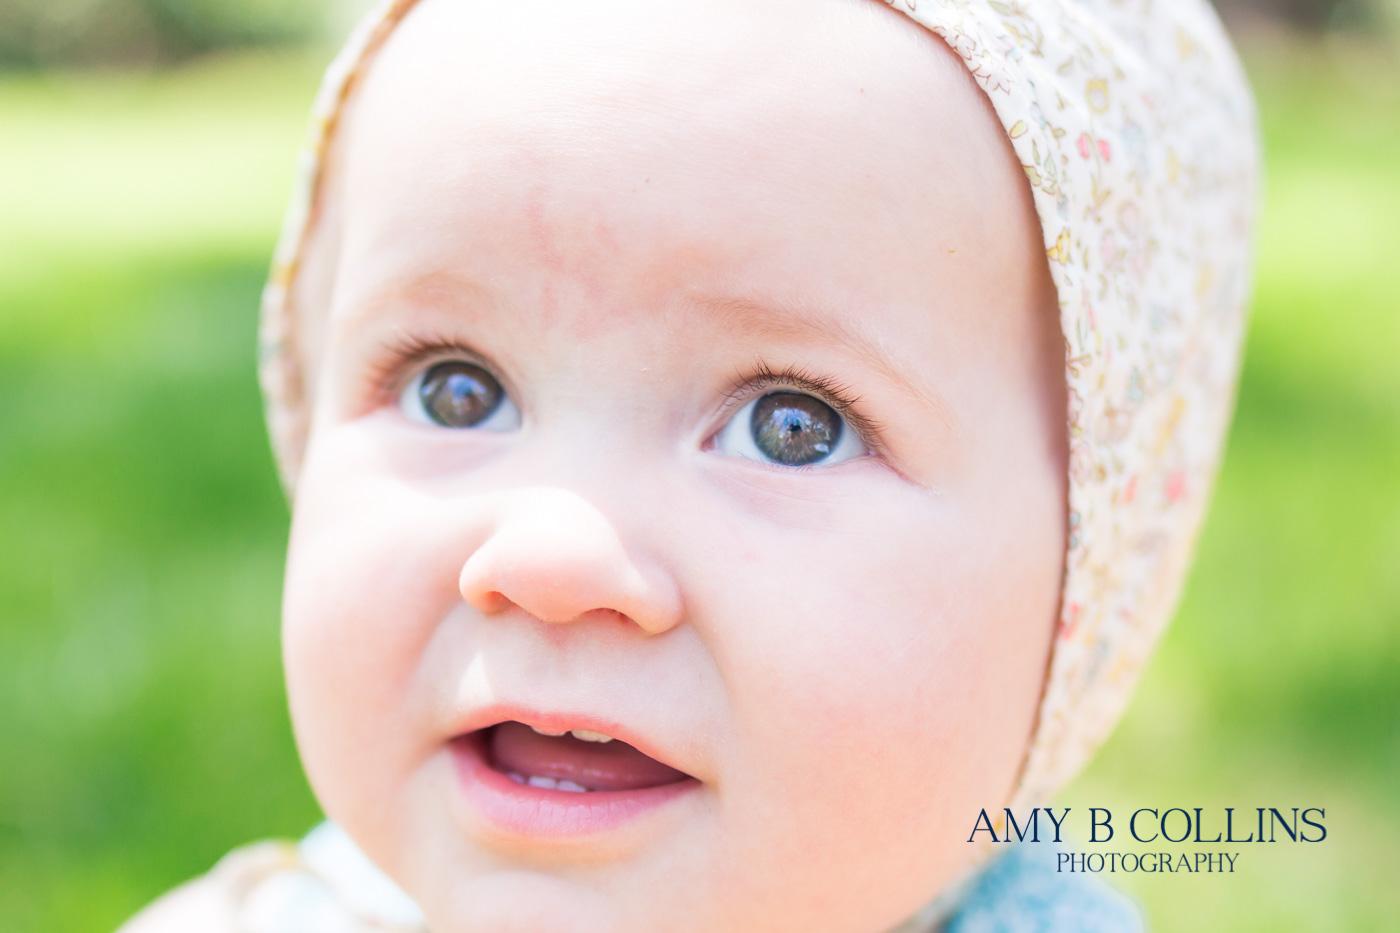 Amy_B_Collins_Photography_Needham Baby Photographer - 01.jpg